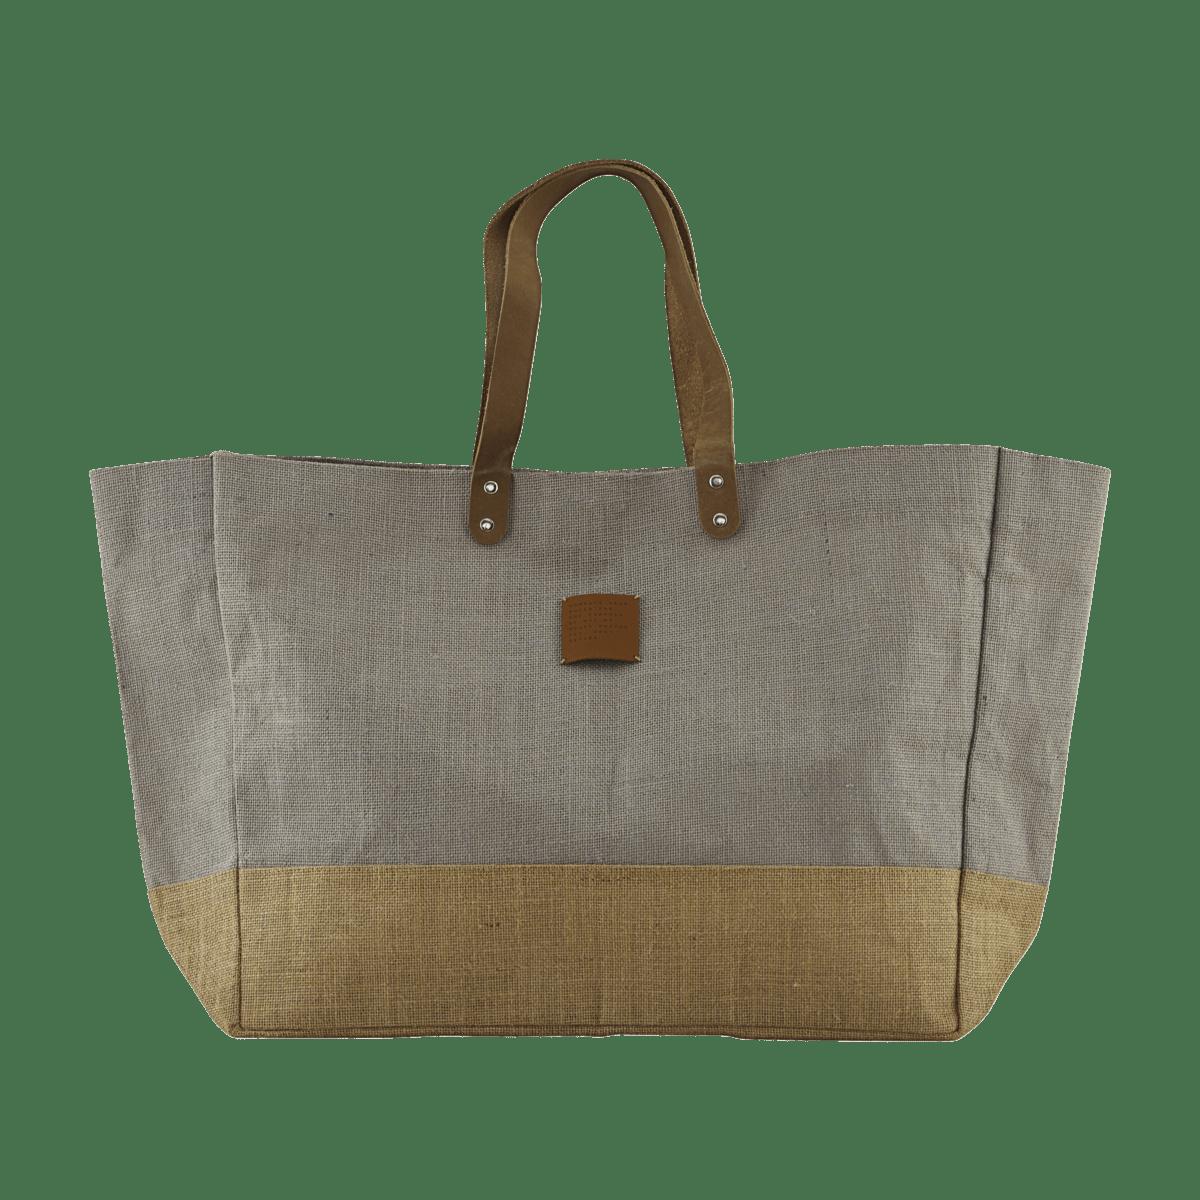 Sada 2 ks − Šedá nákupní taška Carrie